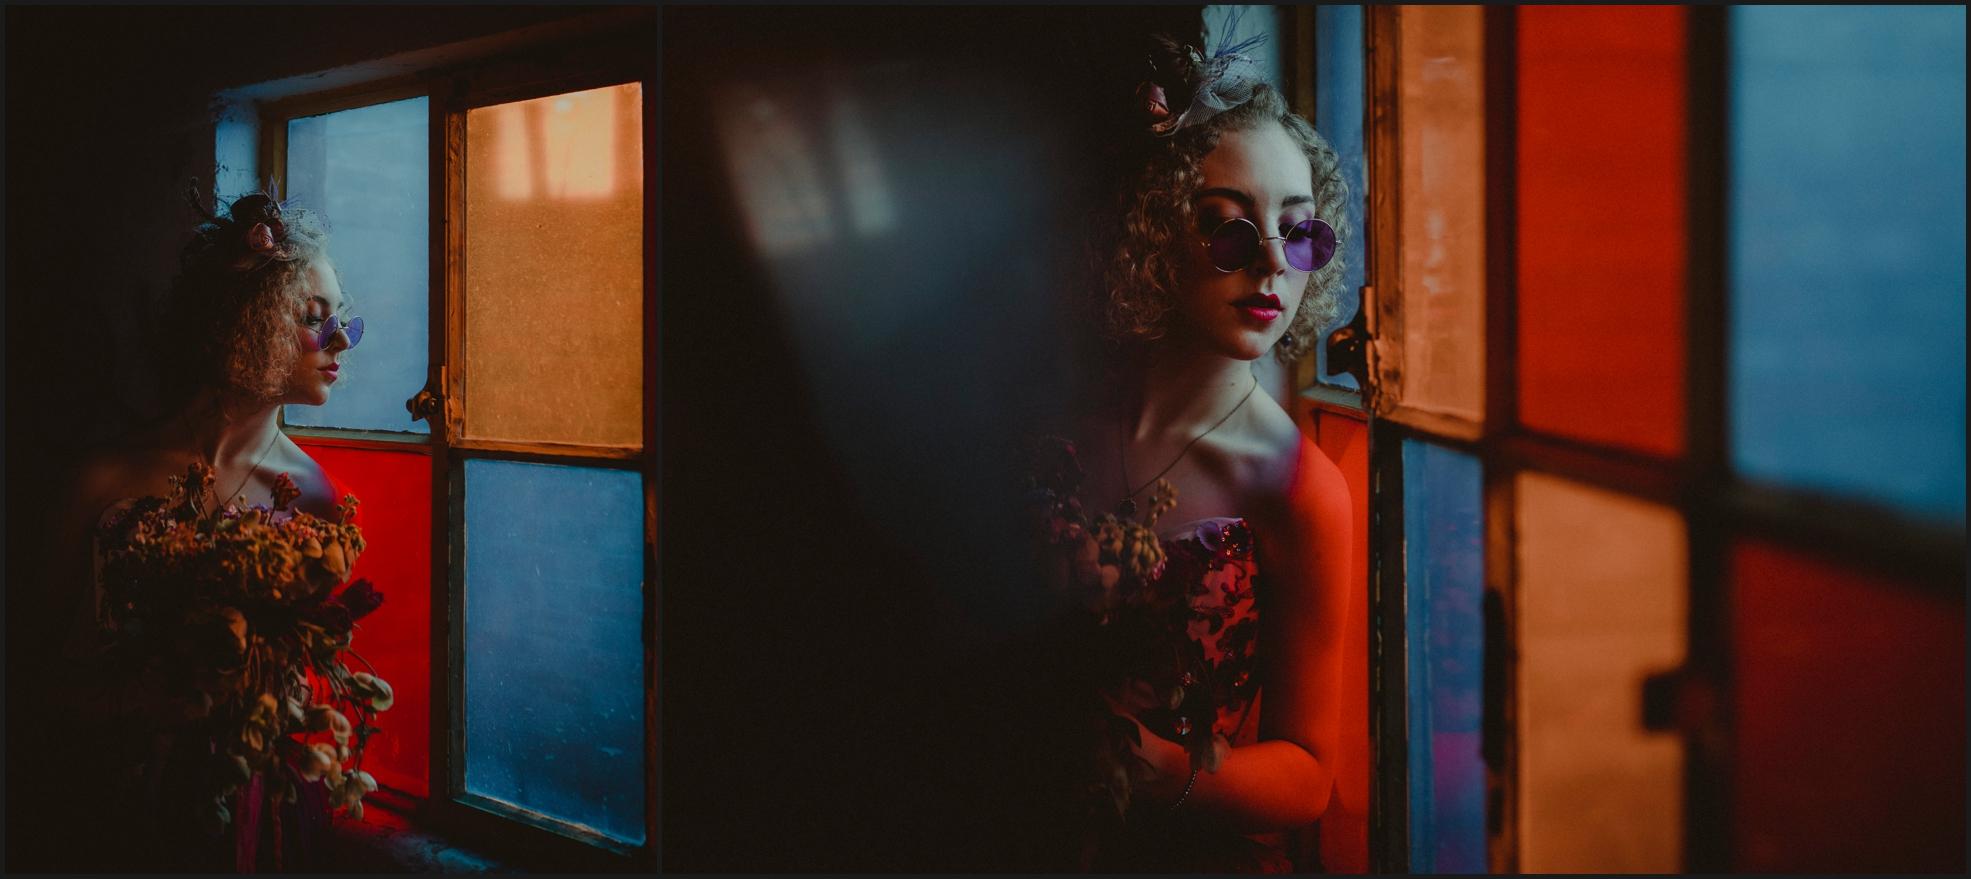 bride, portrait, light reflection, colors